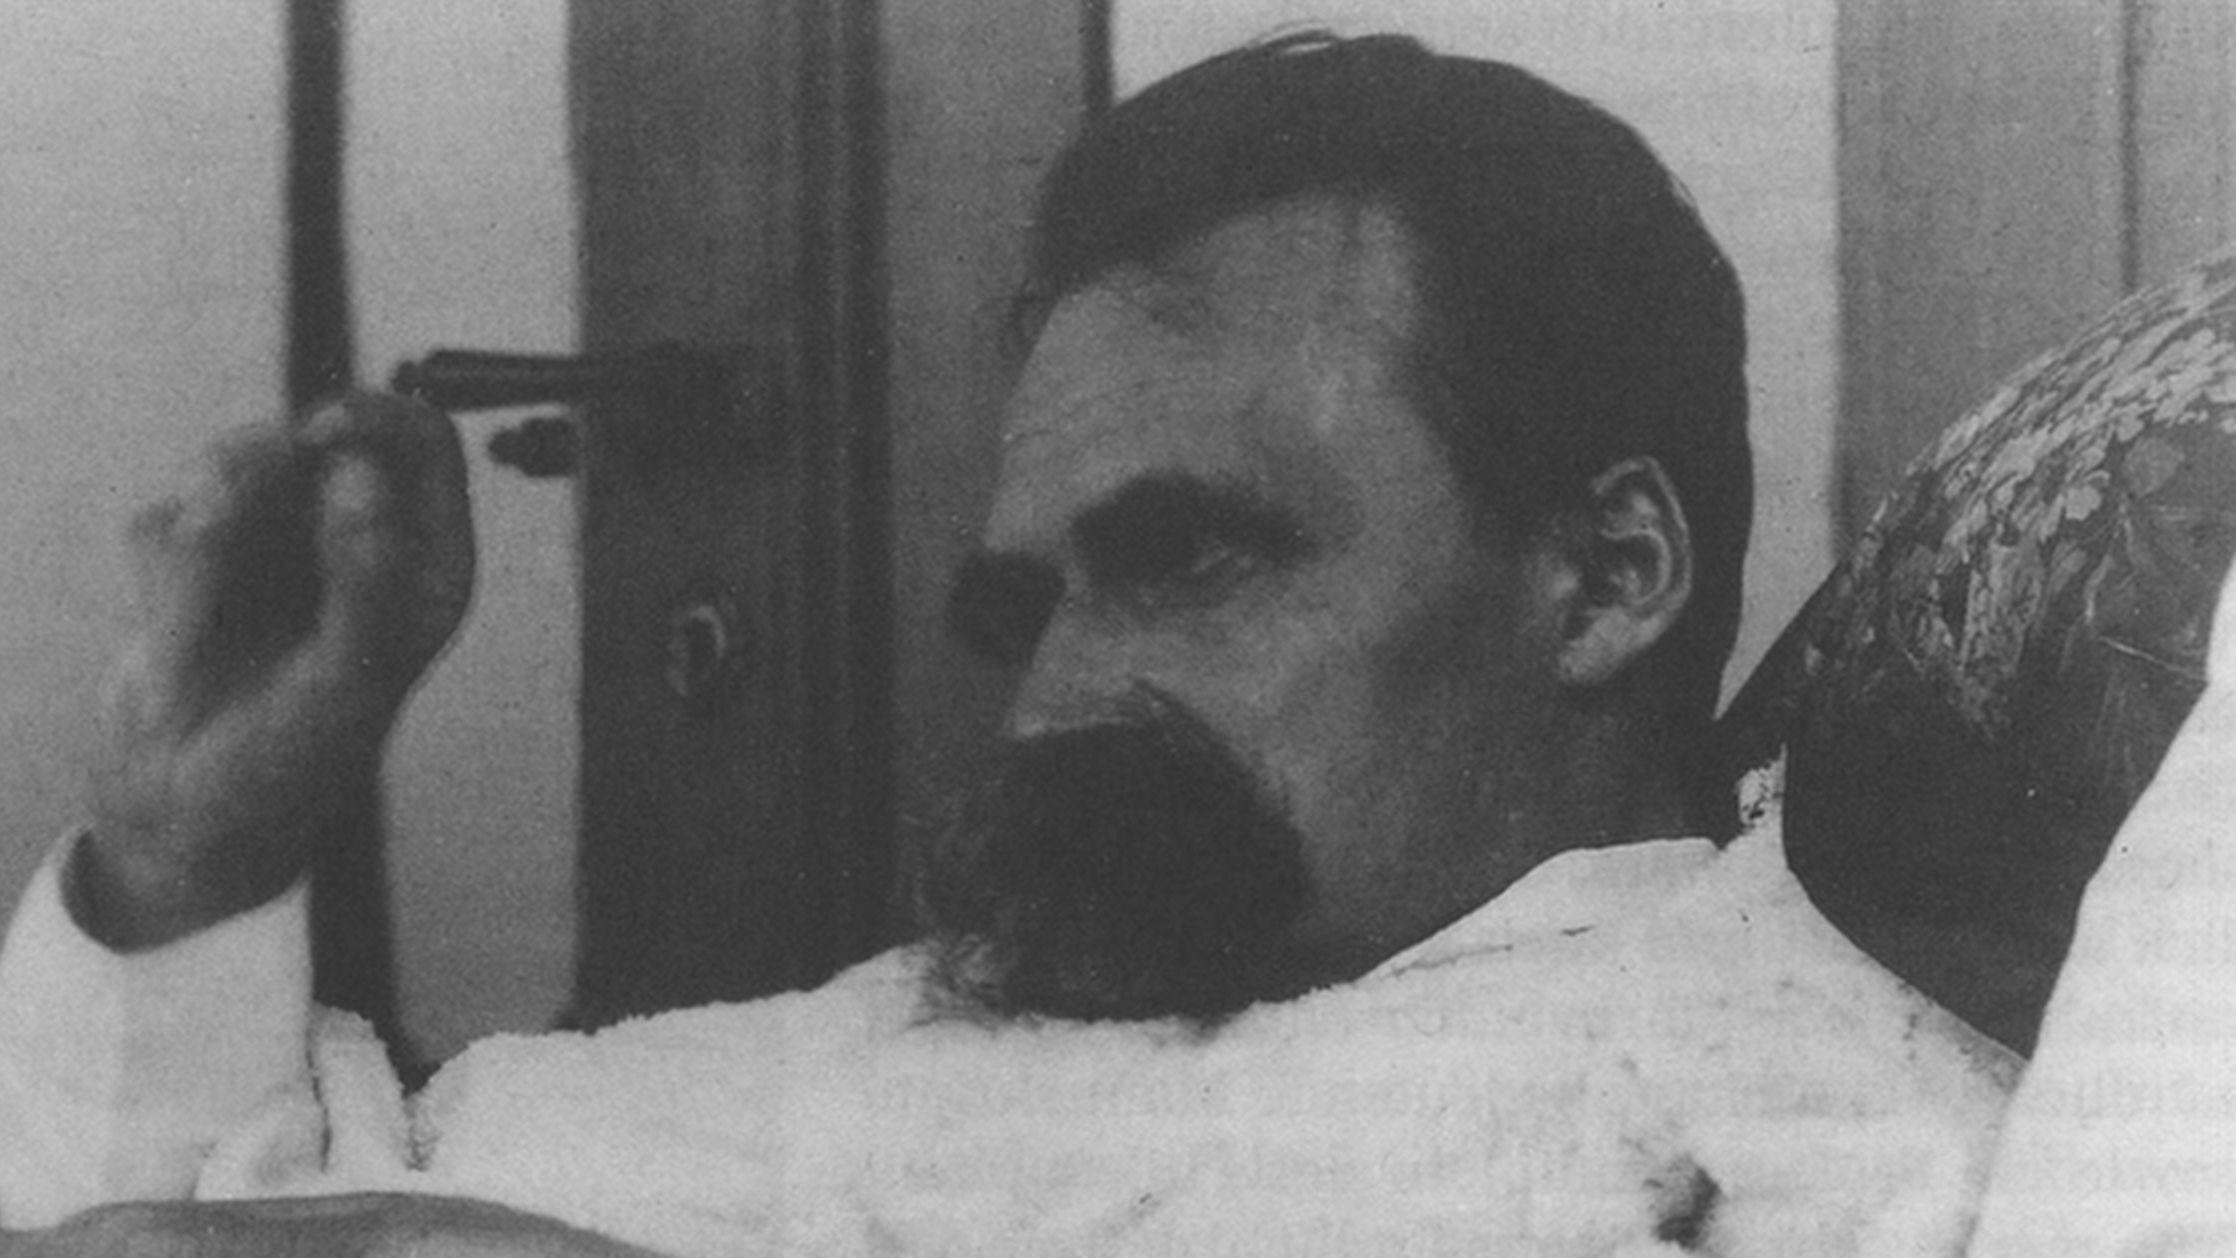 Der wohl mächtigste Gegner der Theologie in der Moderne – und sehr lesenswert: Friedrich Nietzsche.